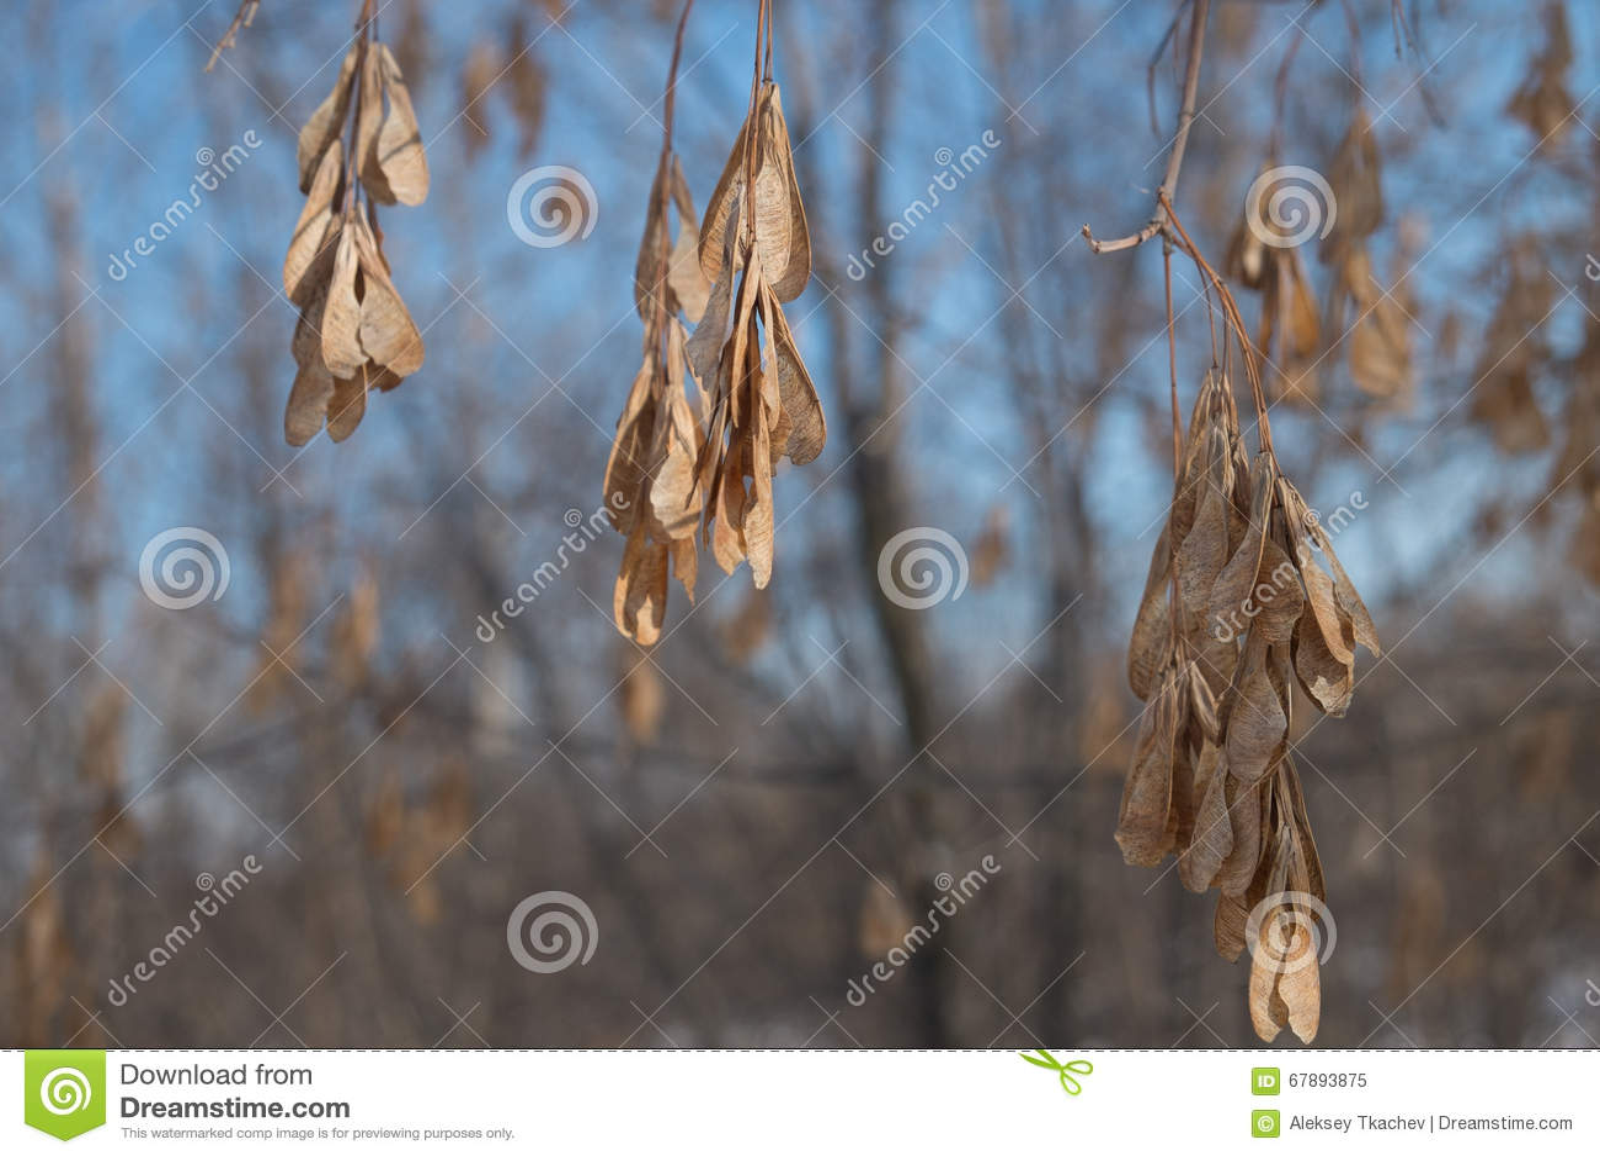 树的干燥种子